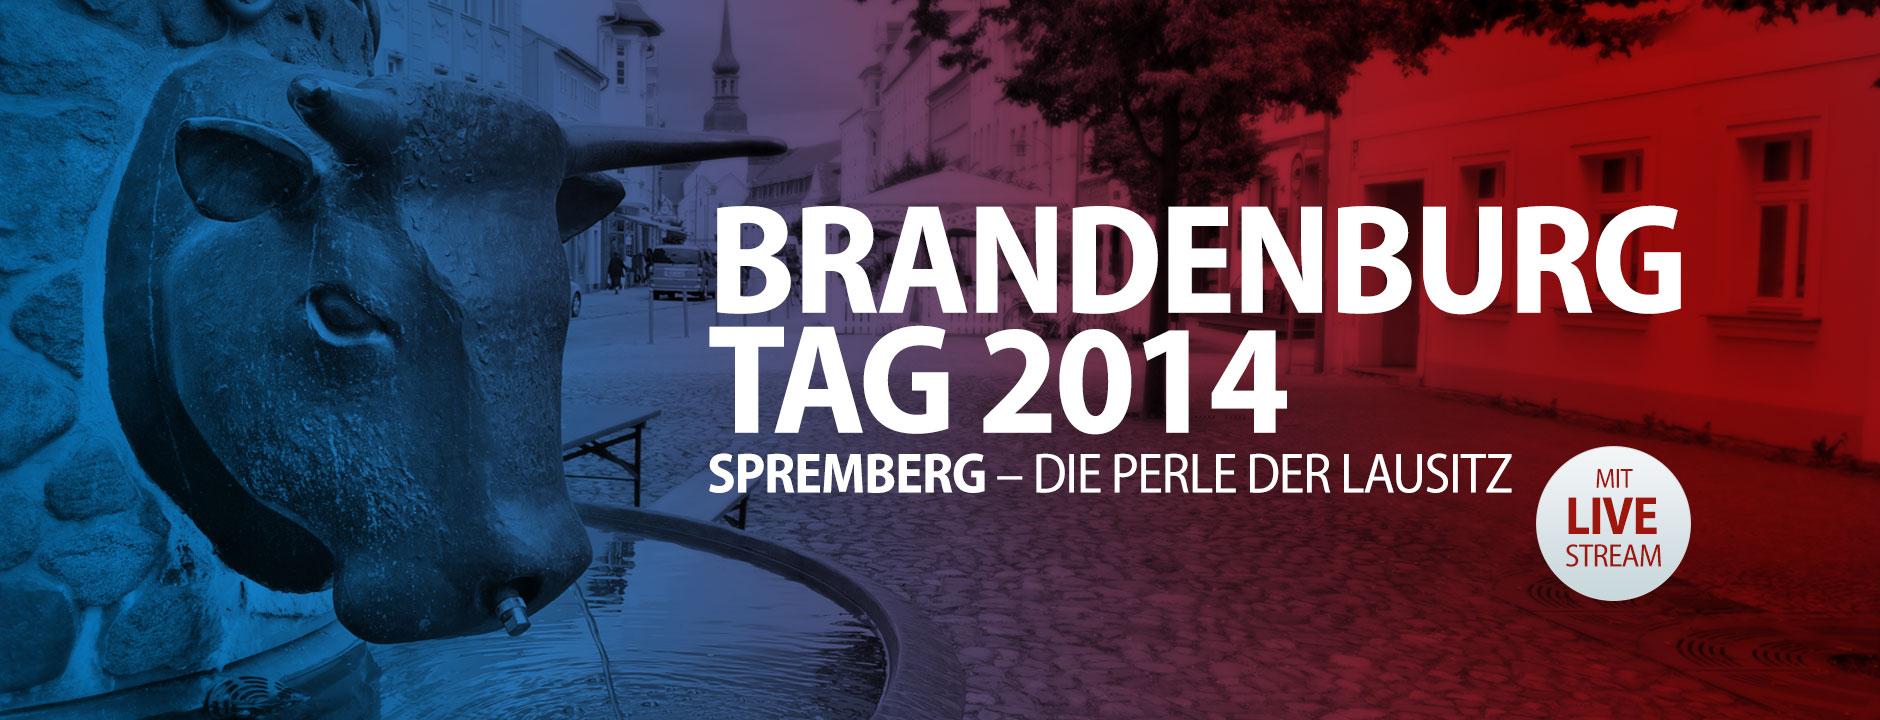 BRANDENBURG-TAG in Spremberg